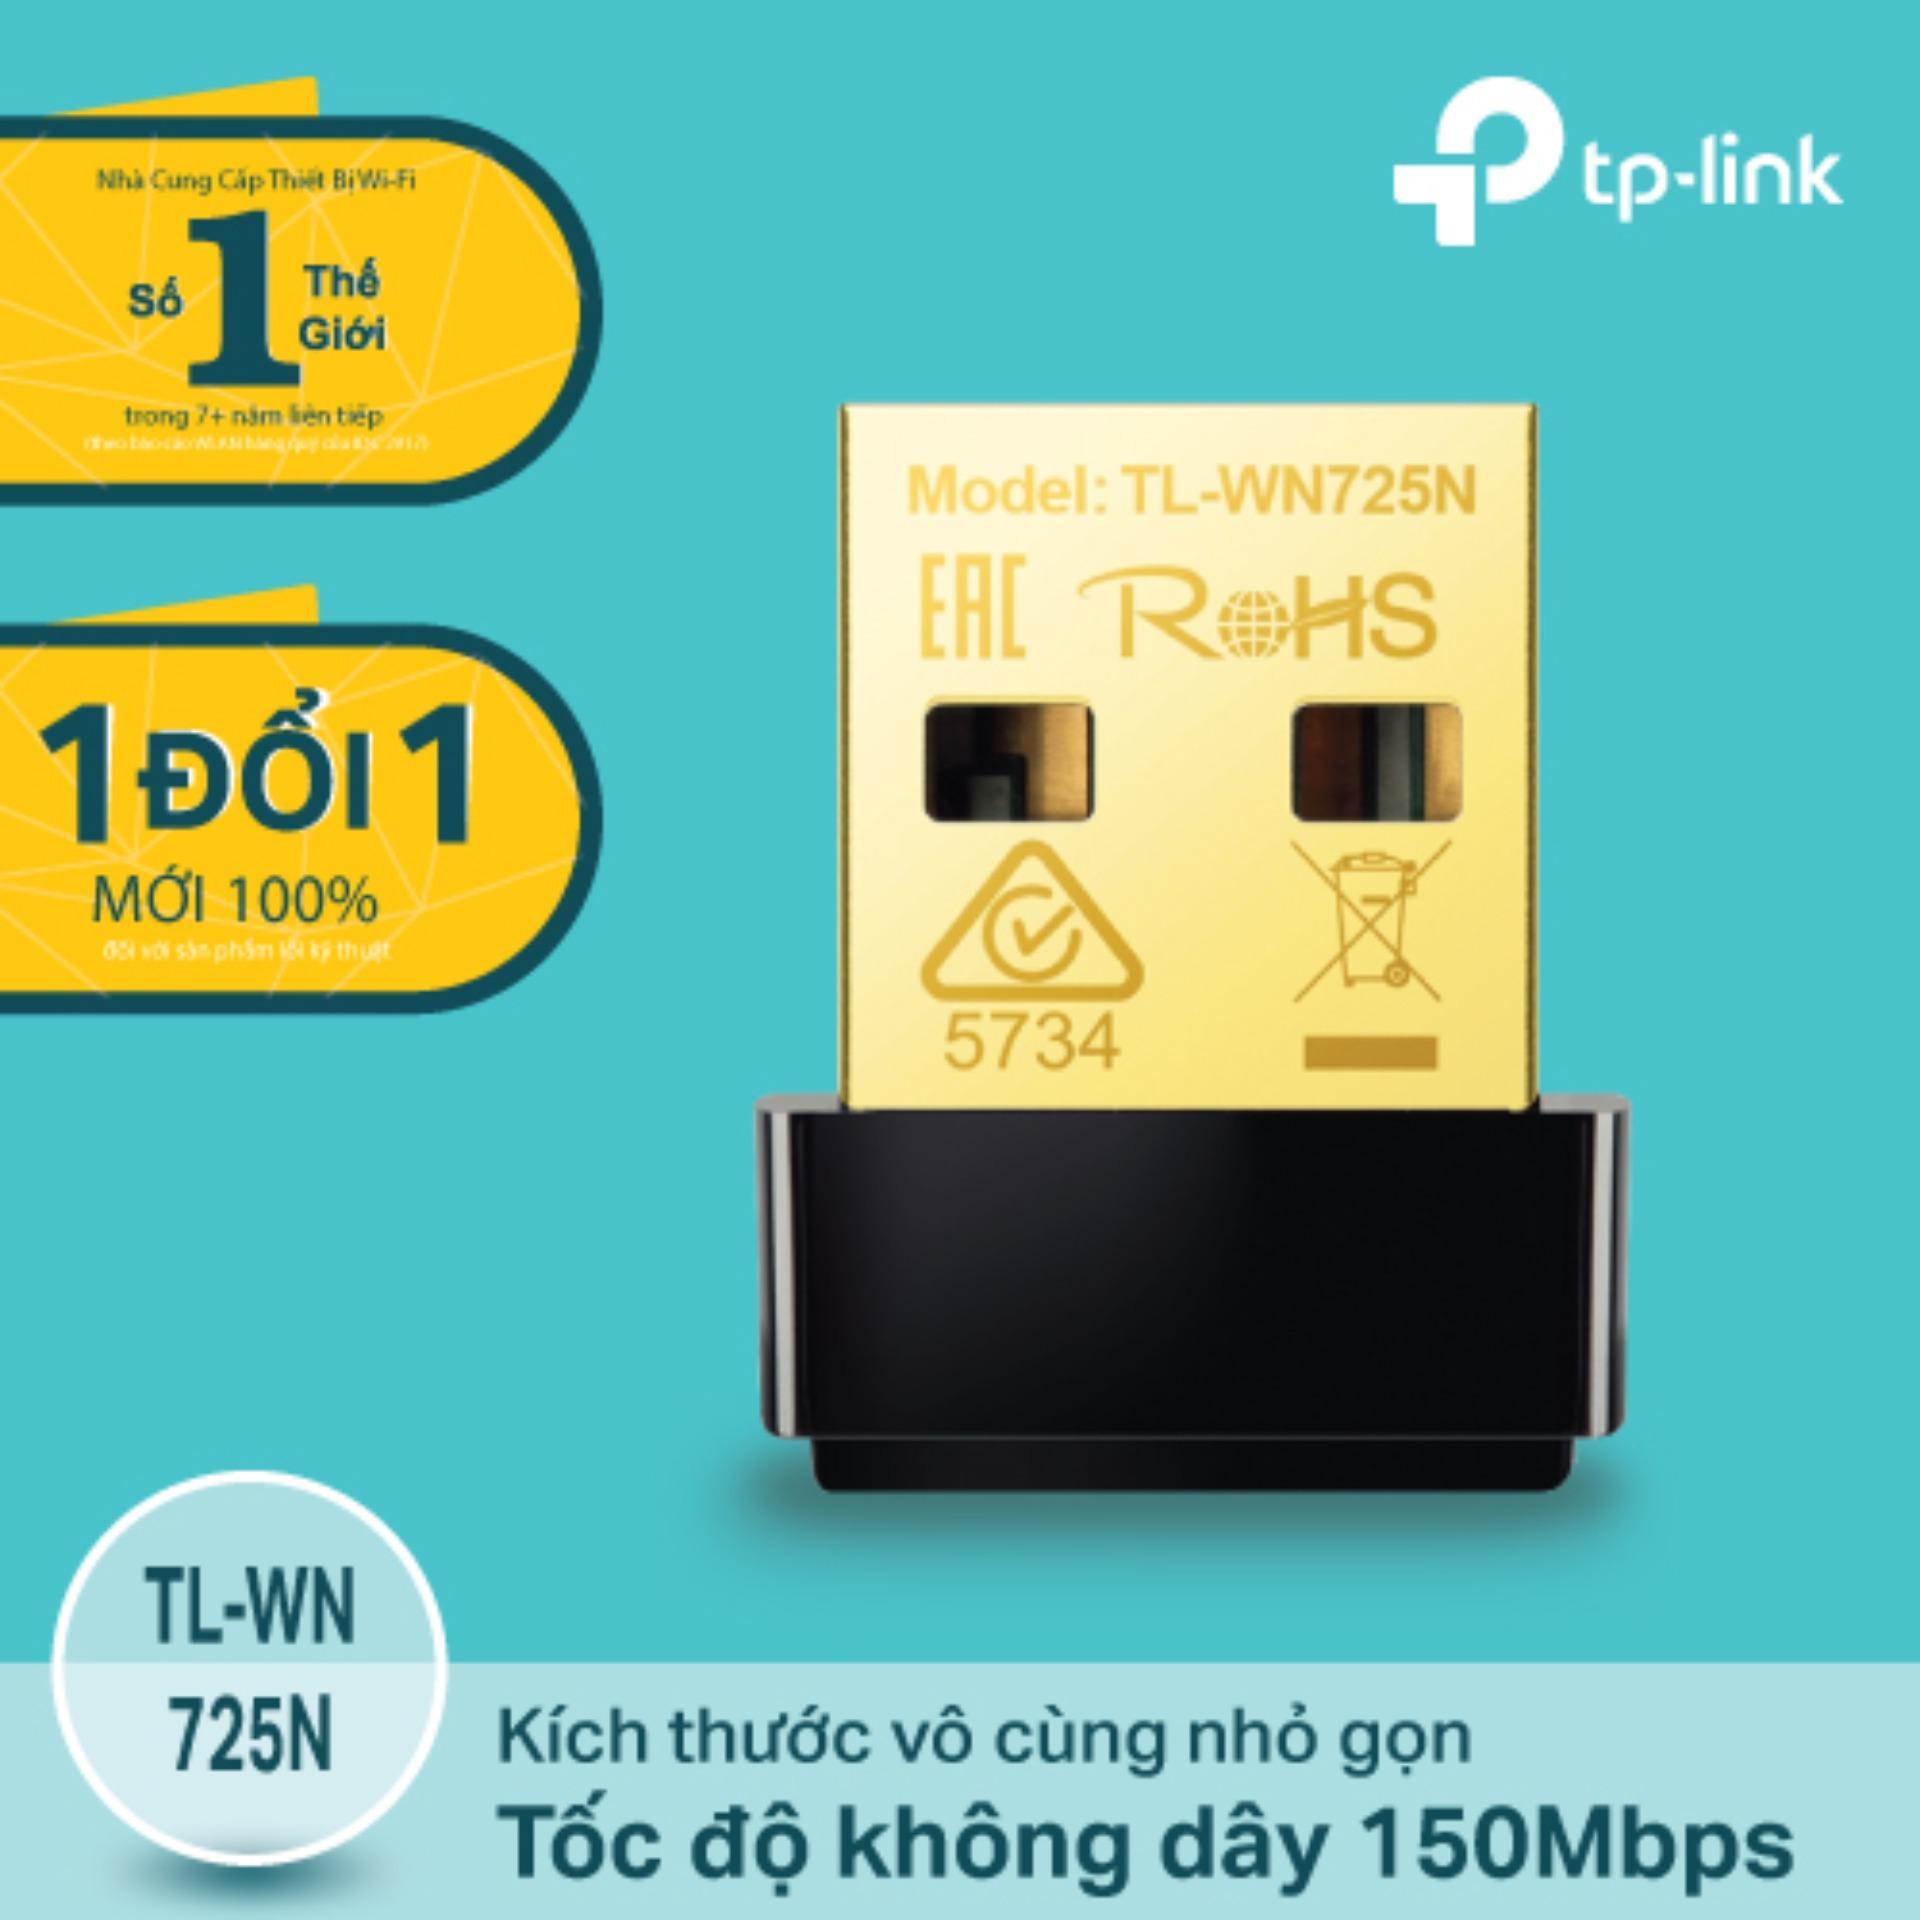 Chiết Khấu Tp Link Tl Wn725N Usb Kết Nối Wi Fi Chuẩn N 150Mbps Sieu Nhỏ Gọn Hang Phan Phối Chinh Thức